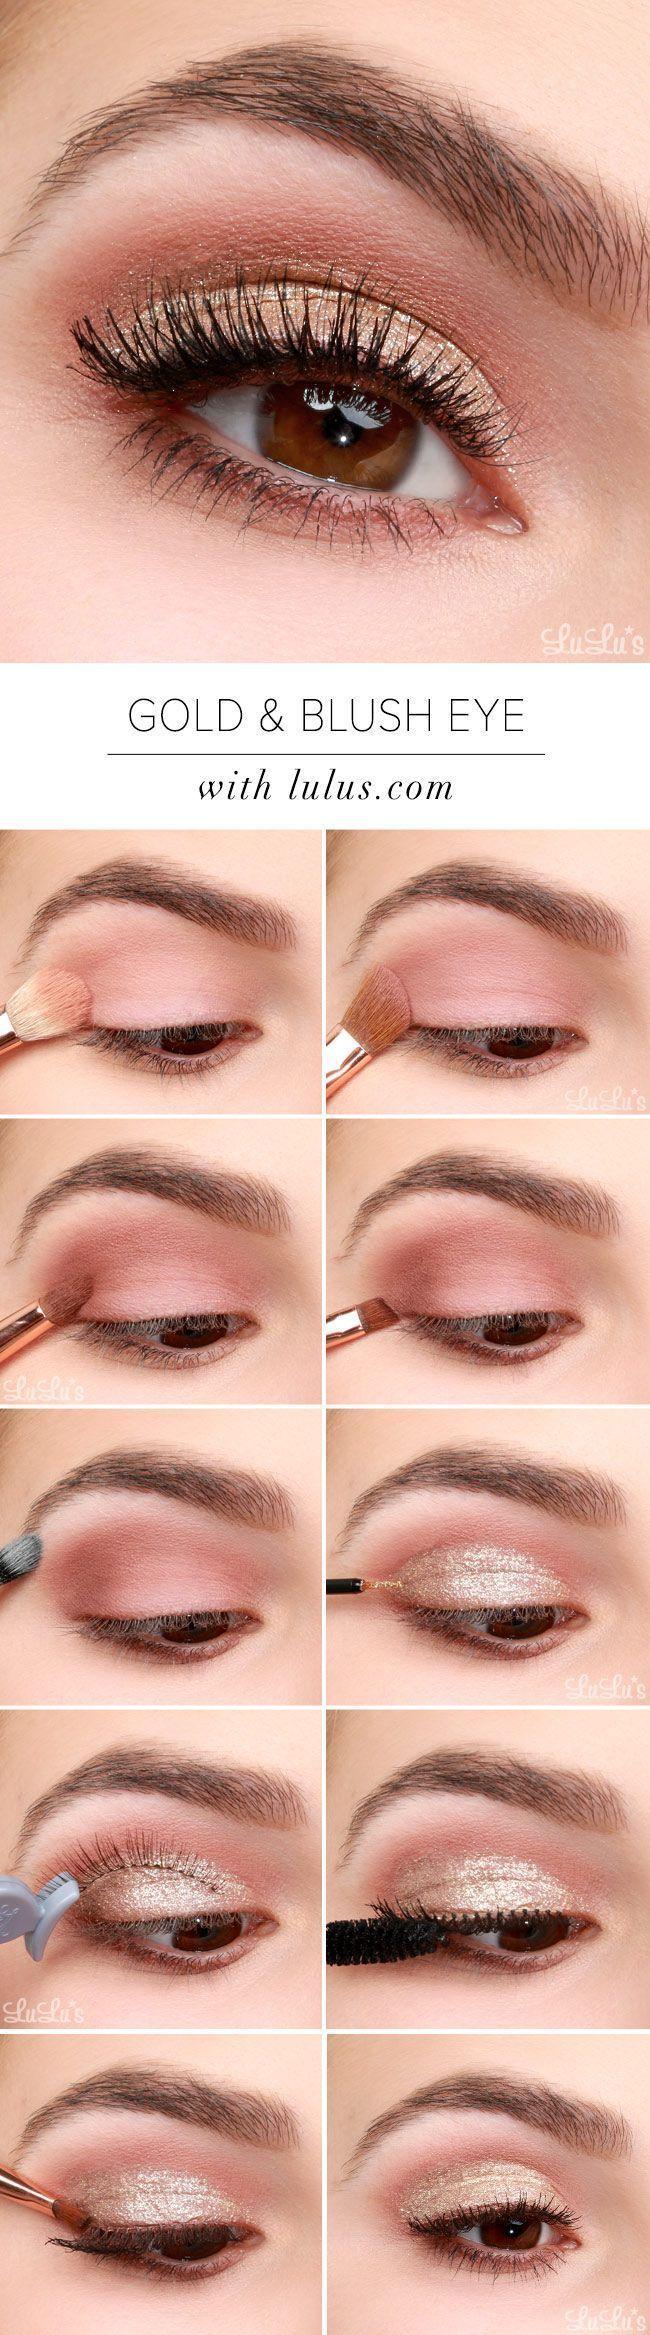 LuLus How-To: Lernprogramm für Augen und Make-up zum Valentinstag mit Gold und Blush auf